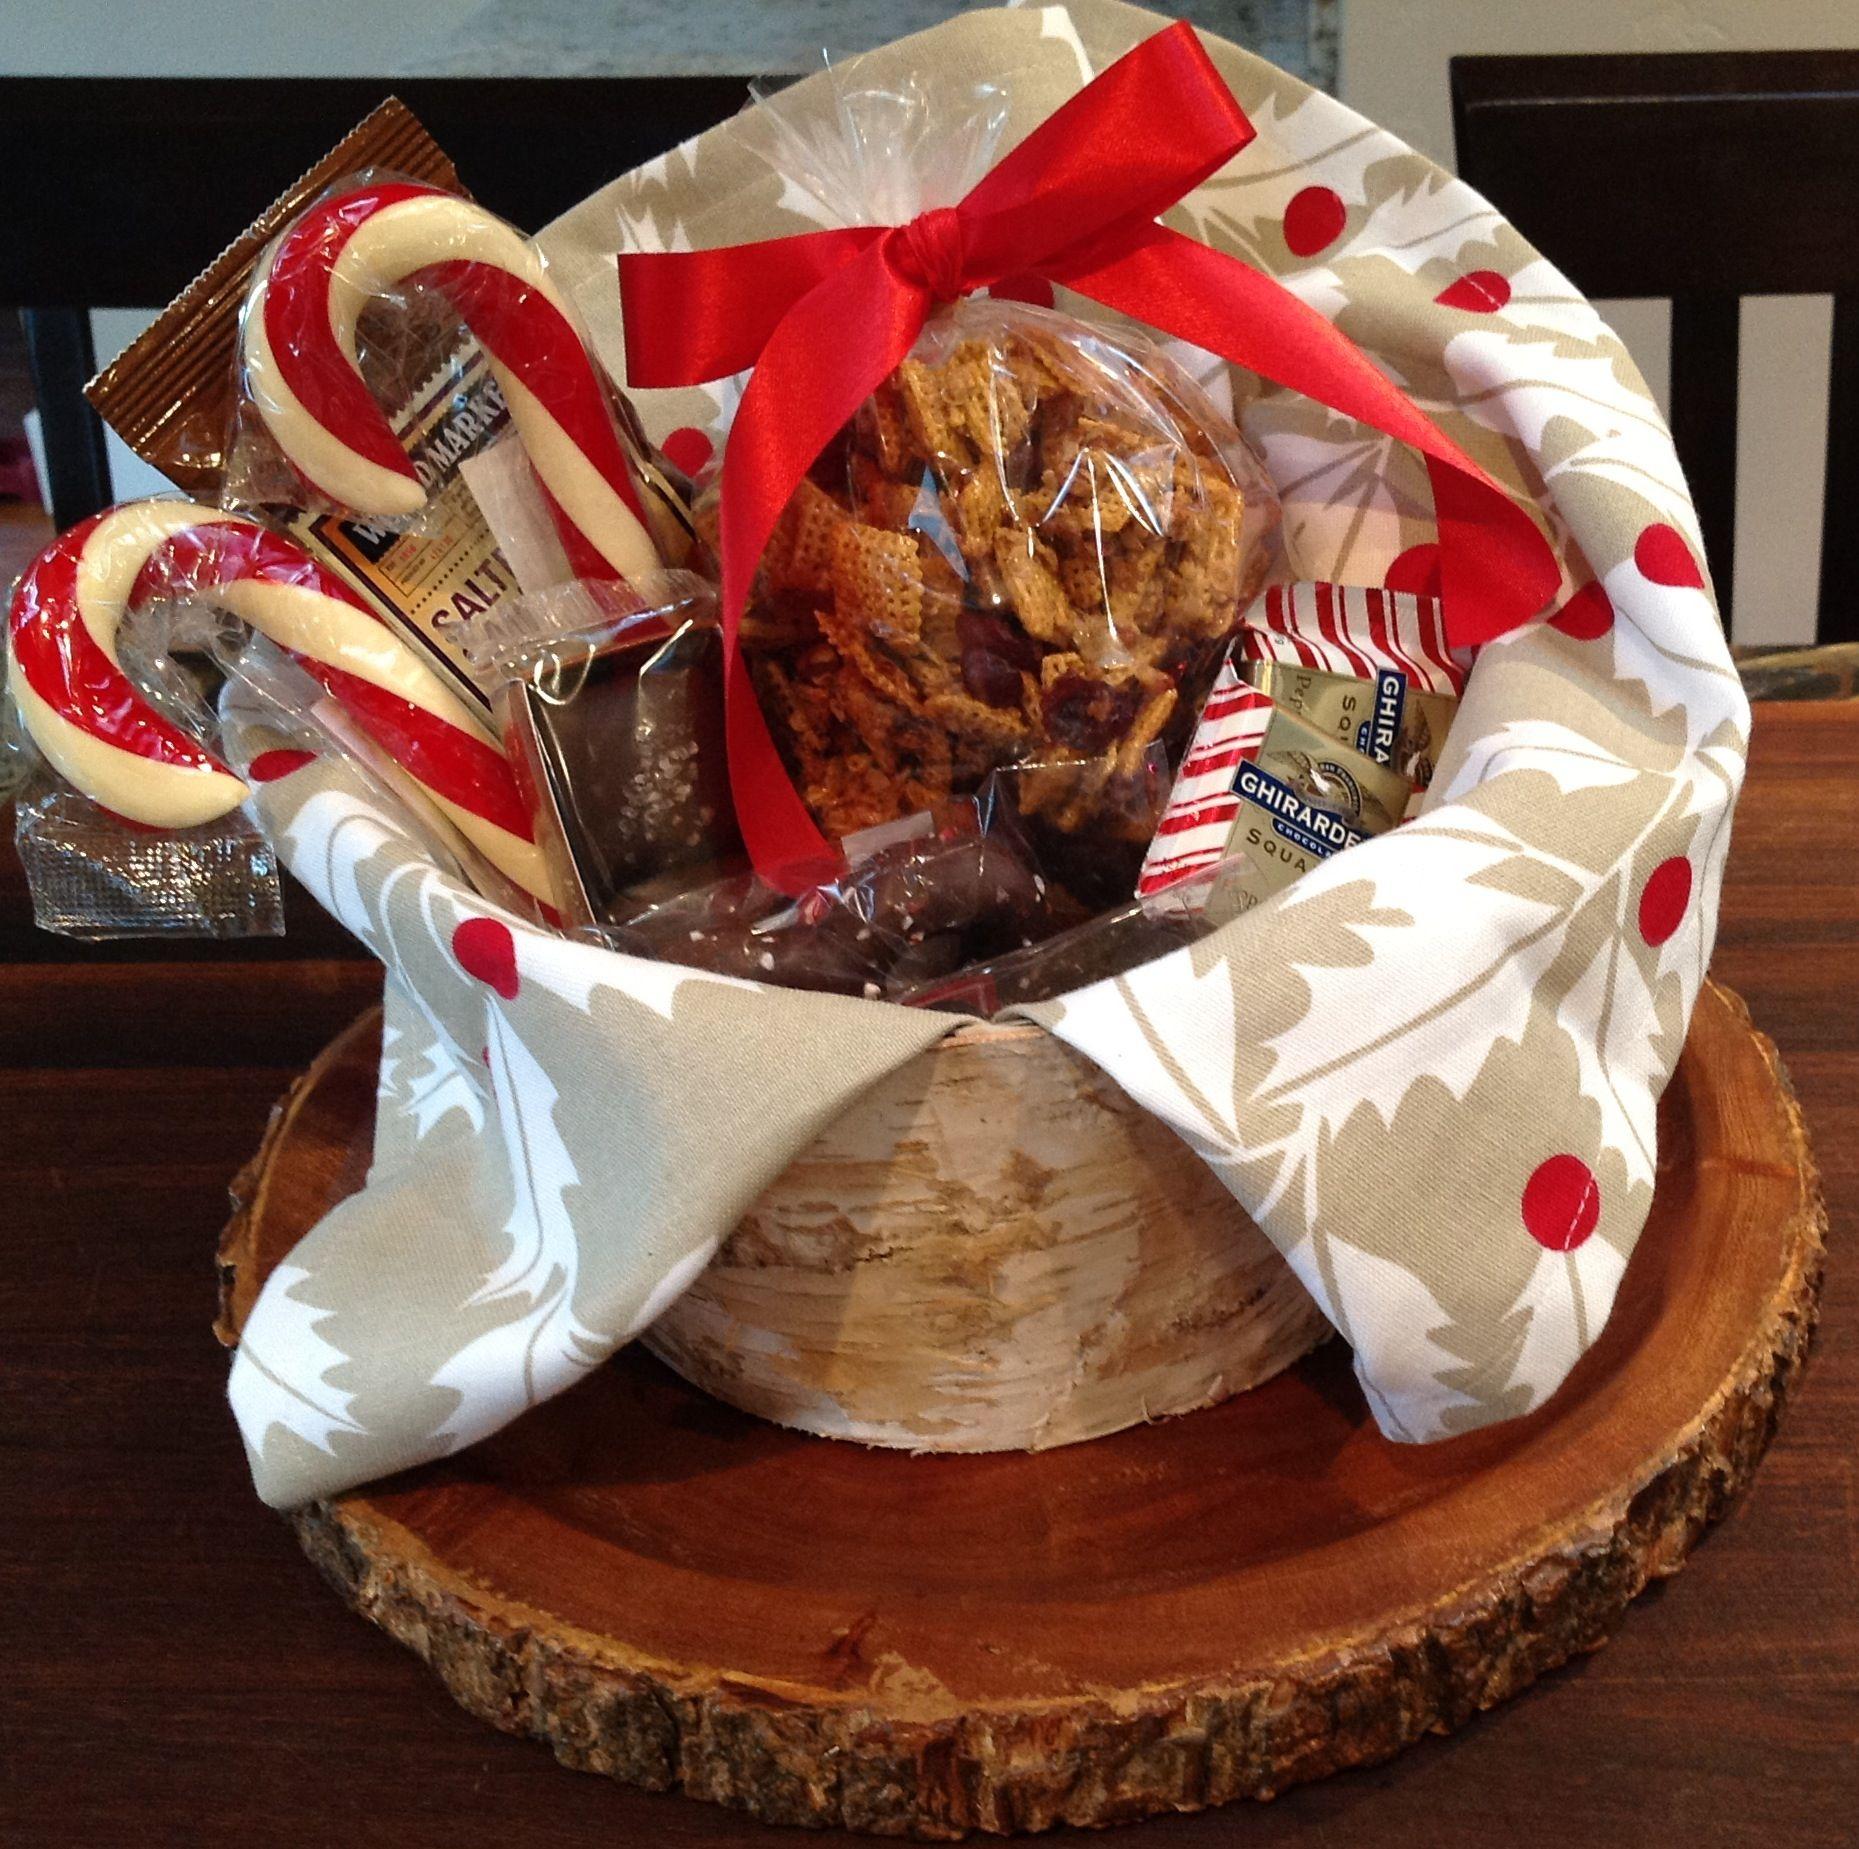 Ideas For Christmas Gift Baskets: Christmas Gift Basket: Towel